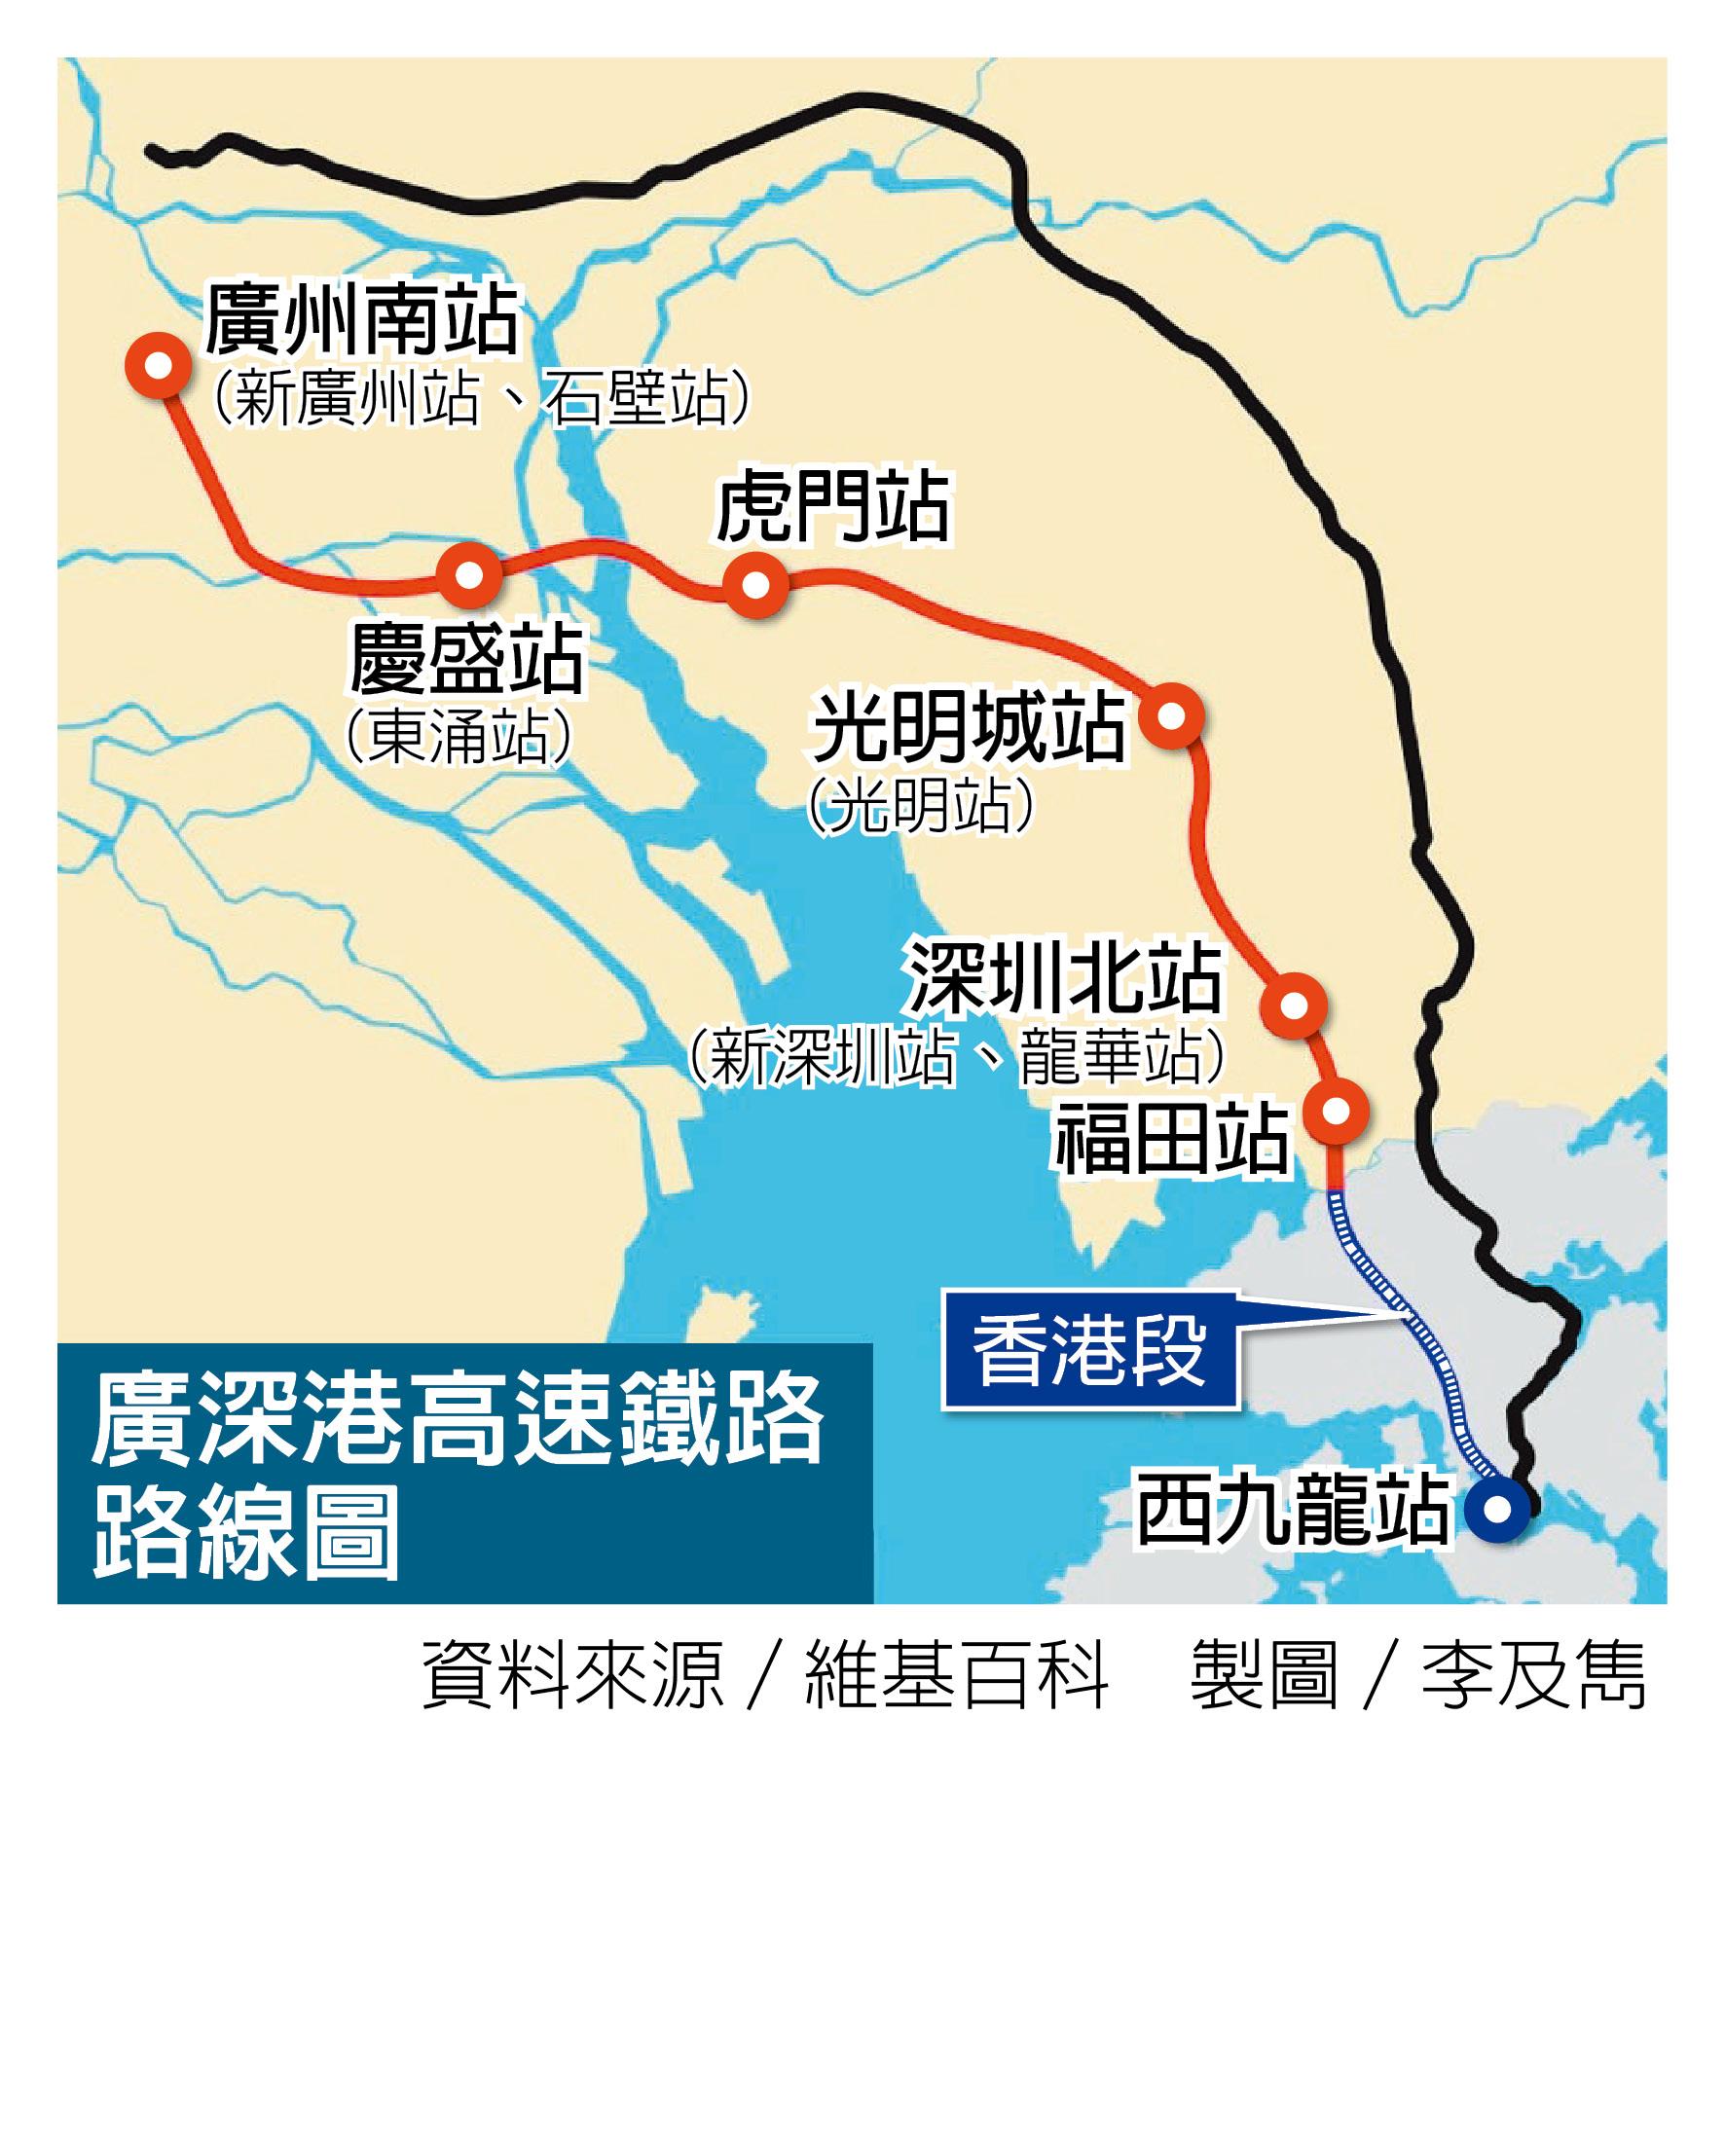 廣深港高鐵 「一地兩檢」內地辦公室曝光 | 世界新聞網